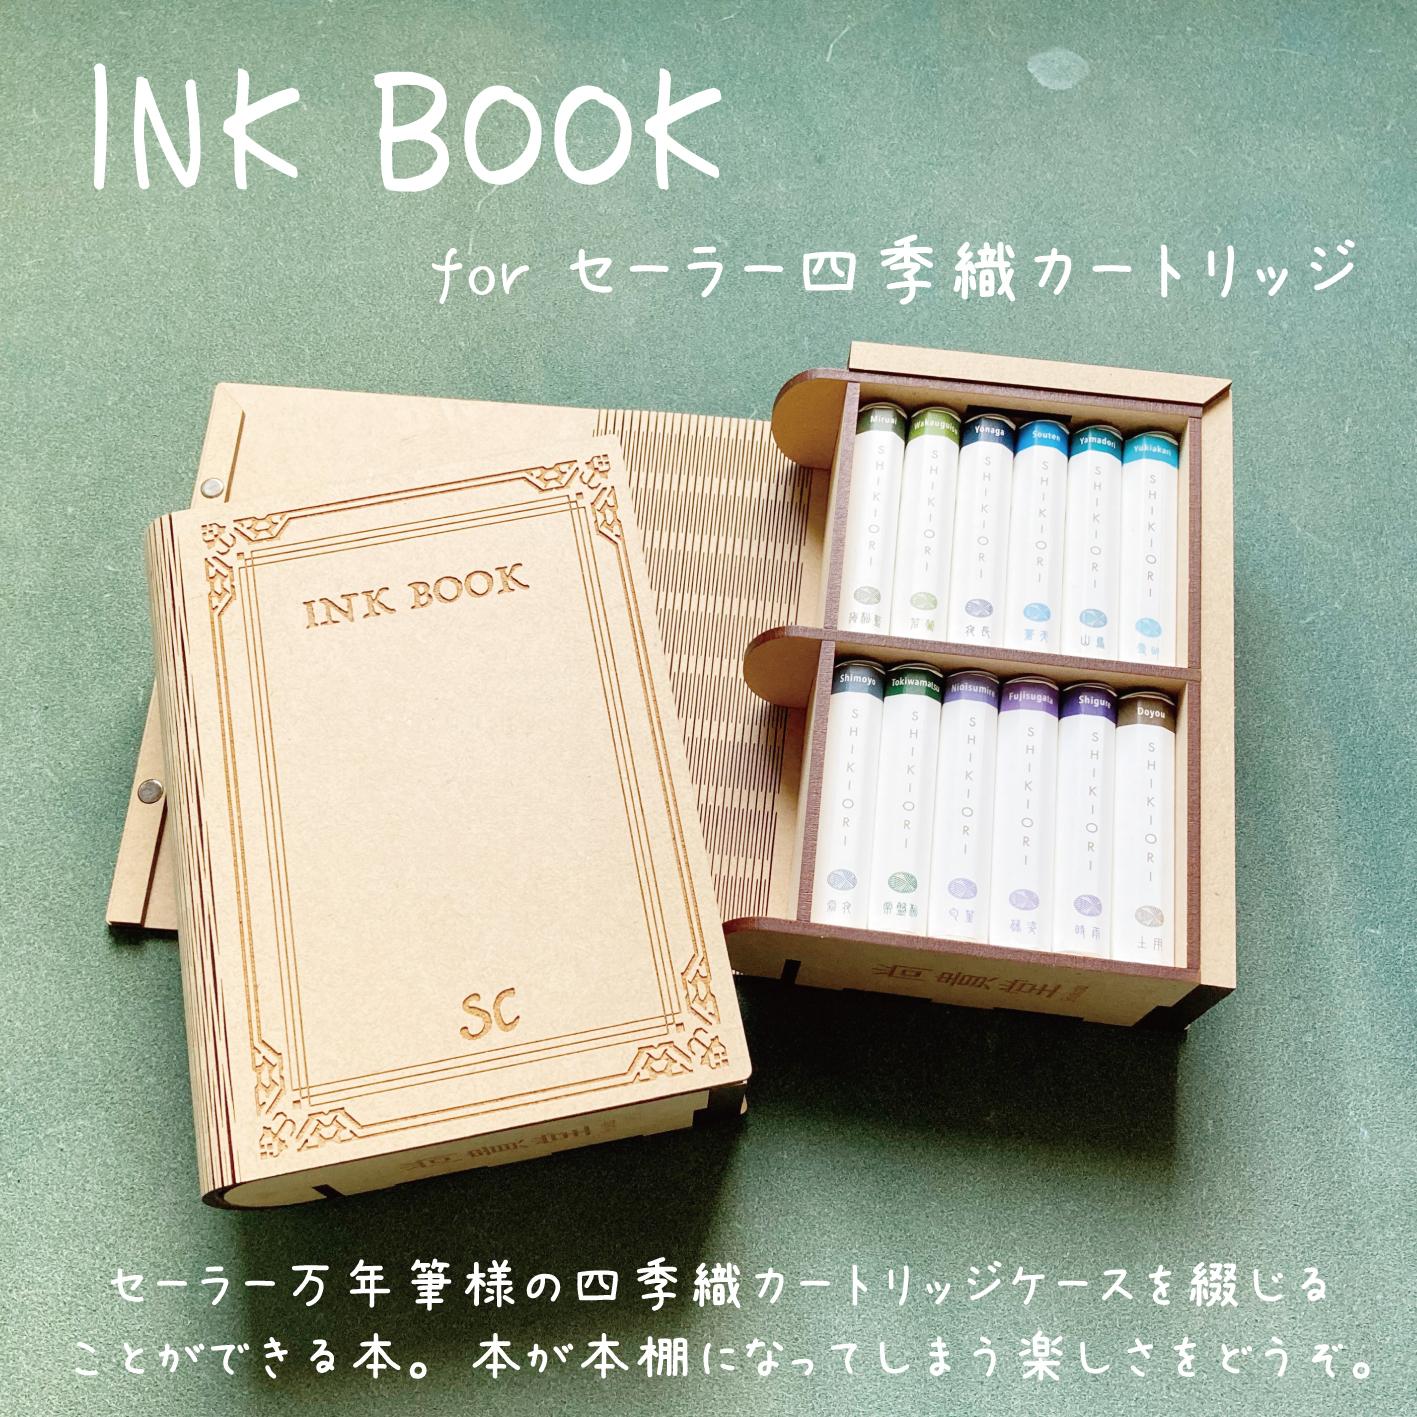 INK BOOK for SC(セーラー四季織カートリッジ対応)